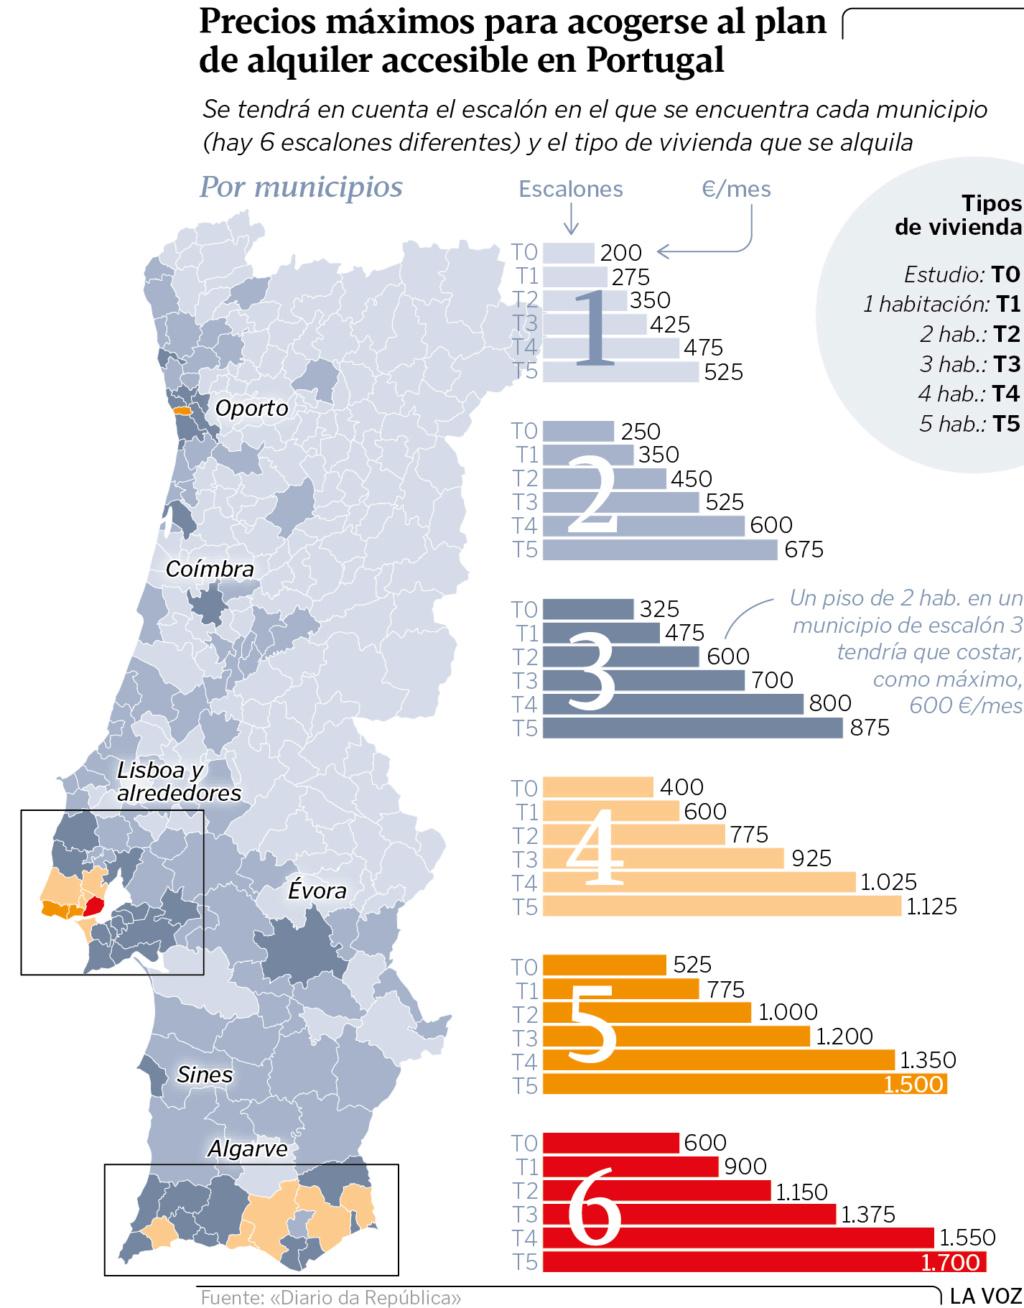 Portugal: Vientos de ajuste... de cuenta$. Lucha de clases. - Página 6 Gg7p2110